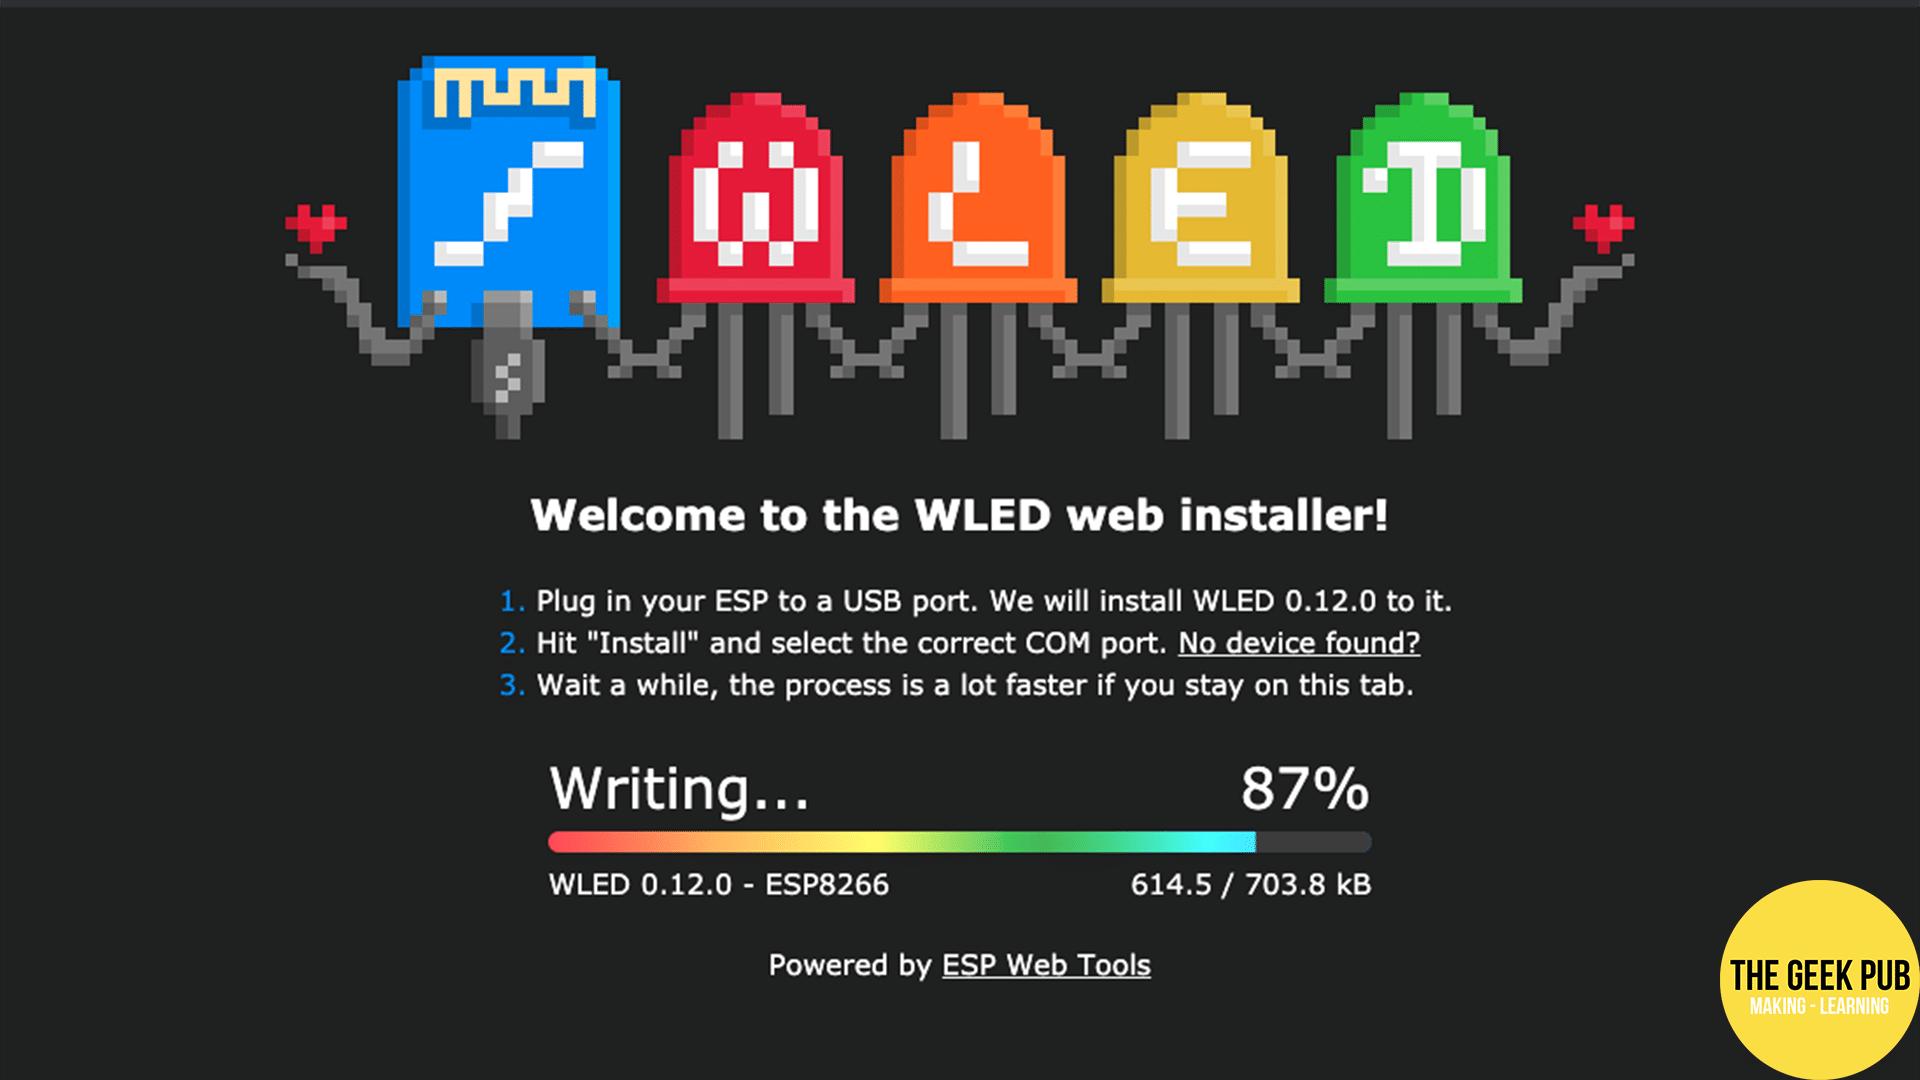 WLED installation progress